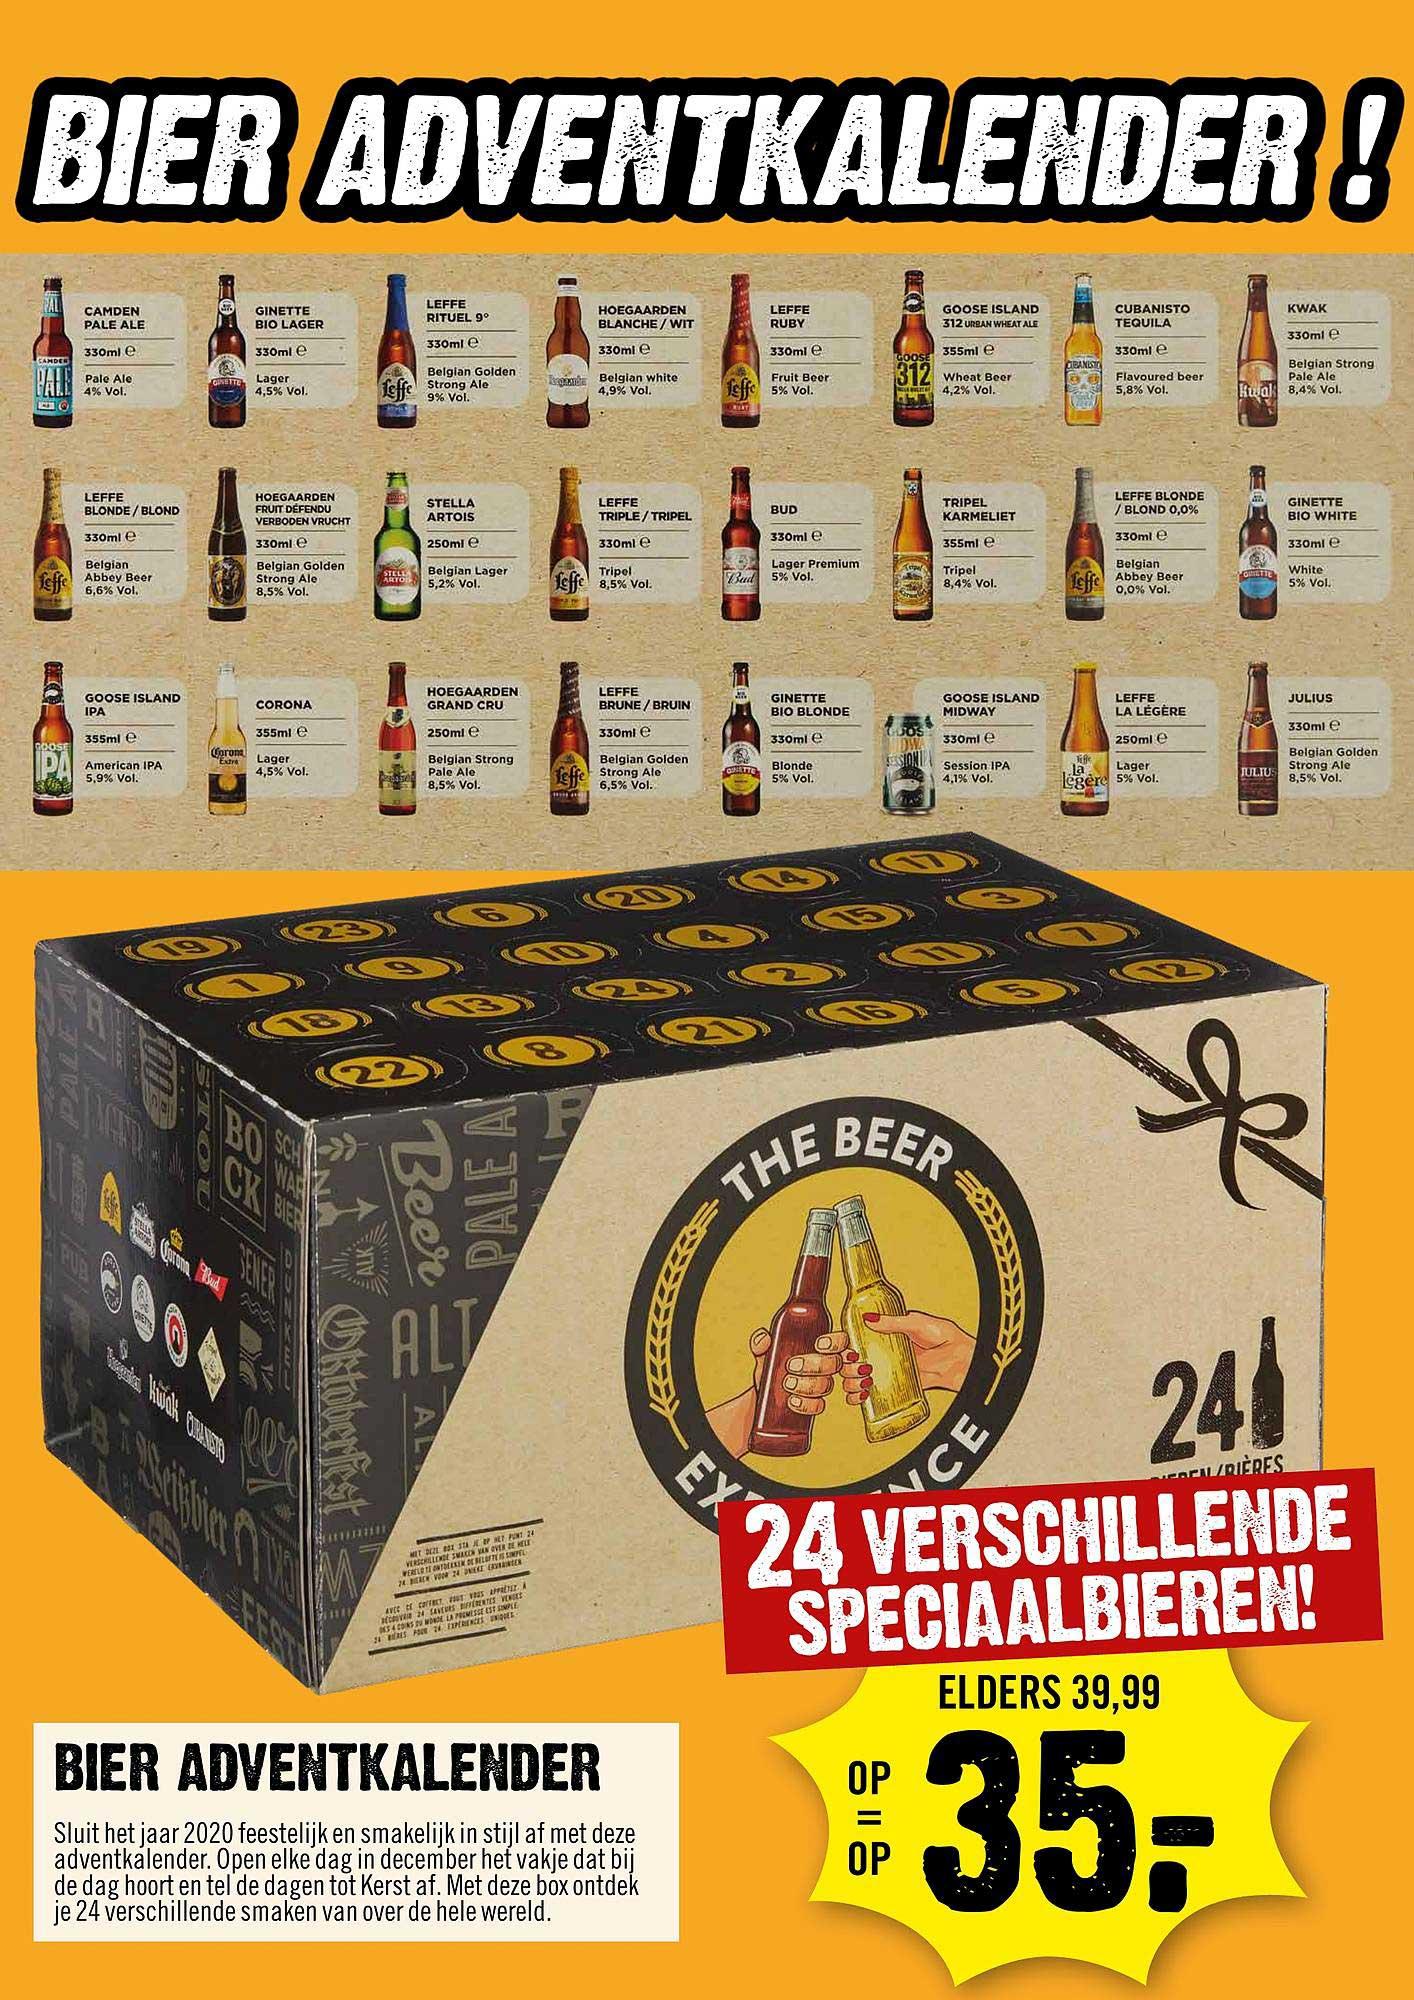 Dirck III Bier Adventkalender